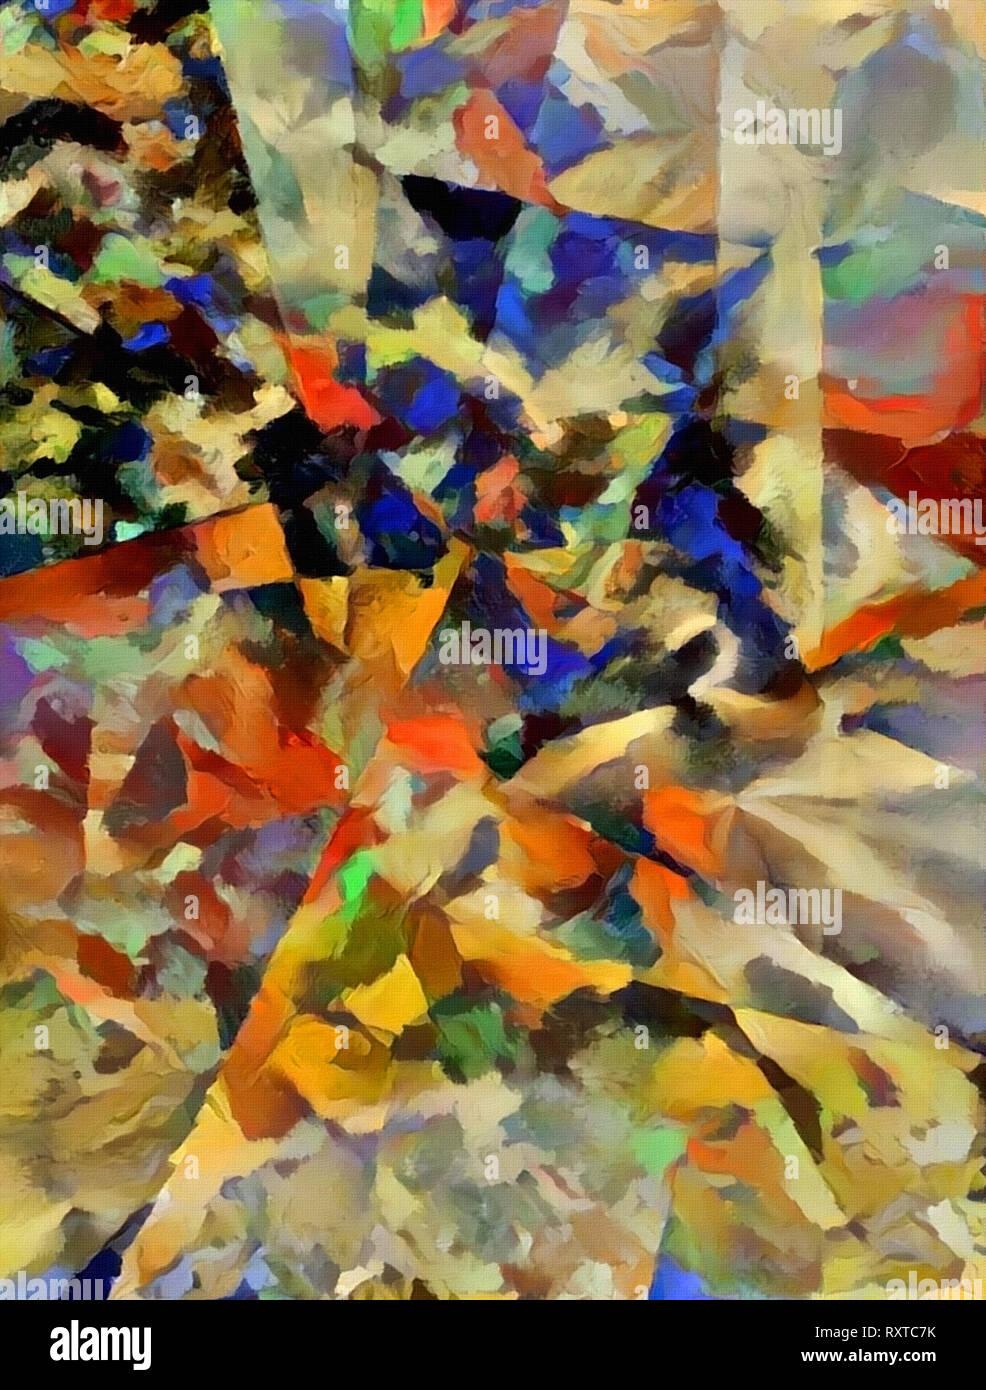 Moderne Kunst Abstrakte Malerei Mit Geometrischen Figuren Stockfotografie Alamy